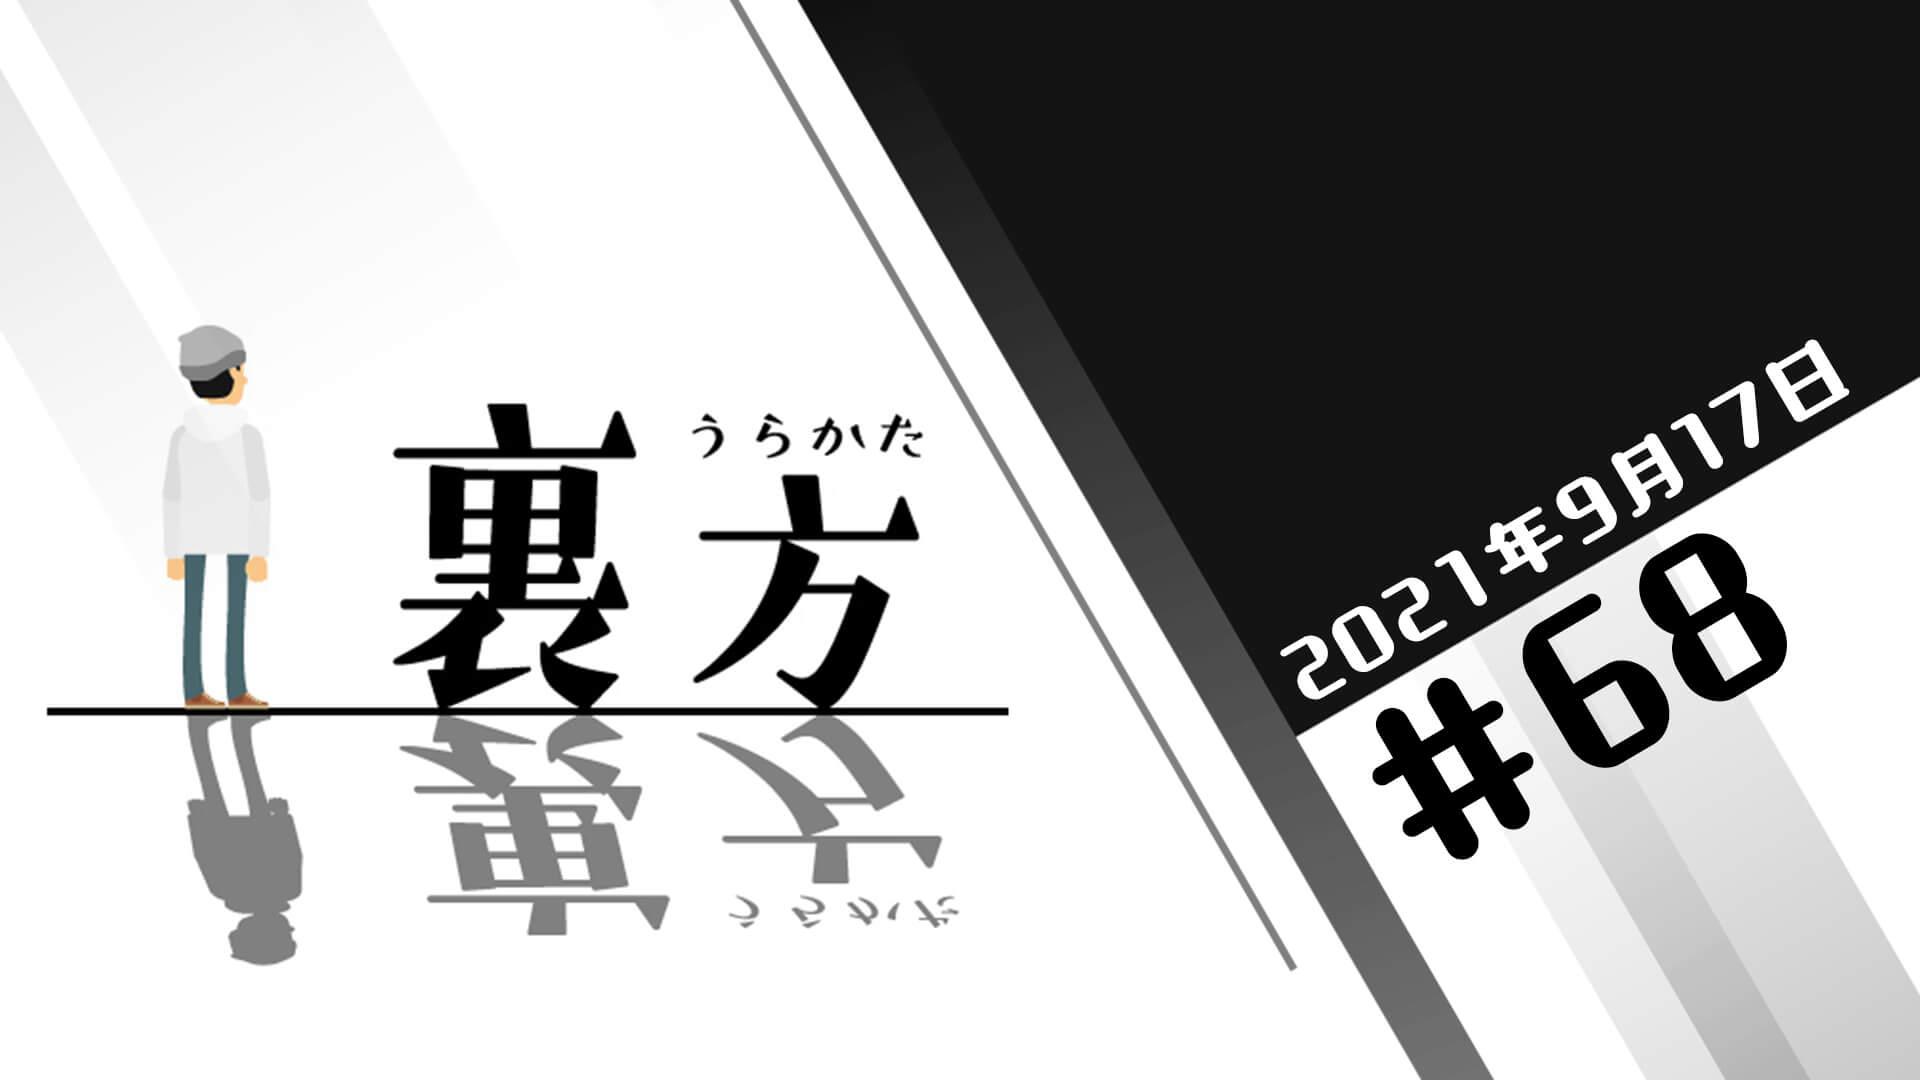 文化放送超!A&G+ 「裏方」#68 (2021年9月17日放送分)